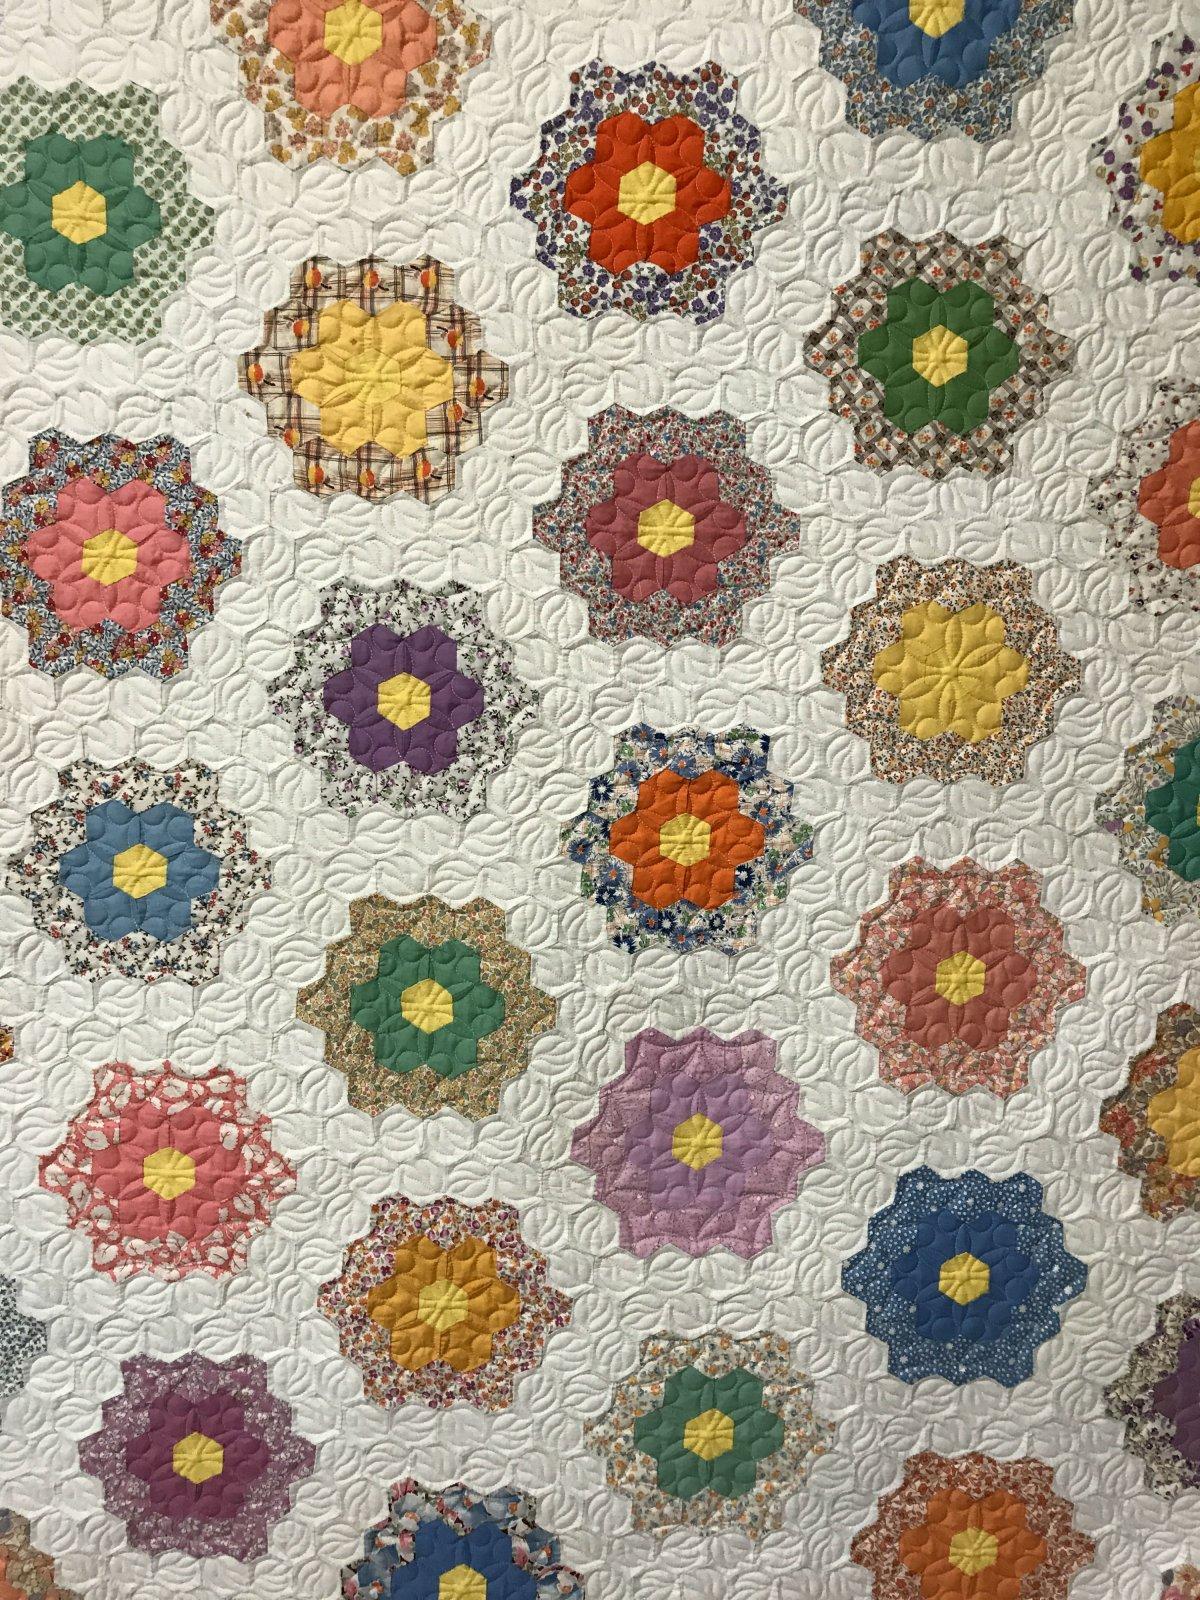 Grandmother's Flower Garden close up